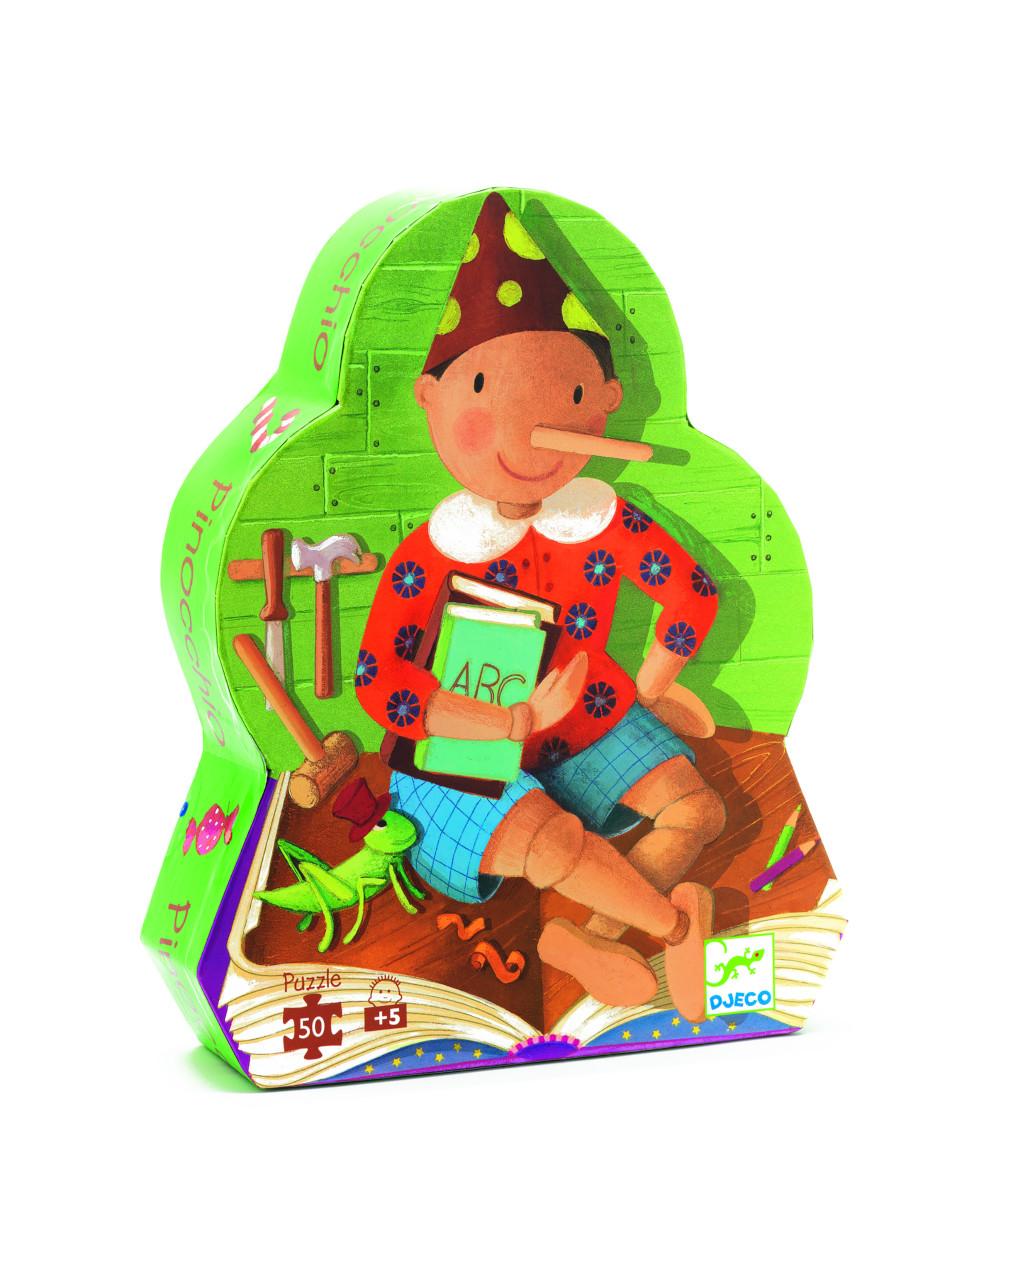 Djeco - pinocchio 50 peças - quebra-cabeça - Djeco